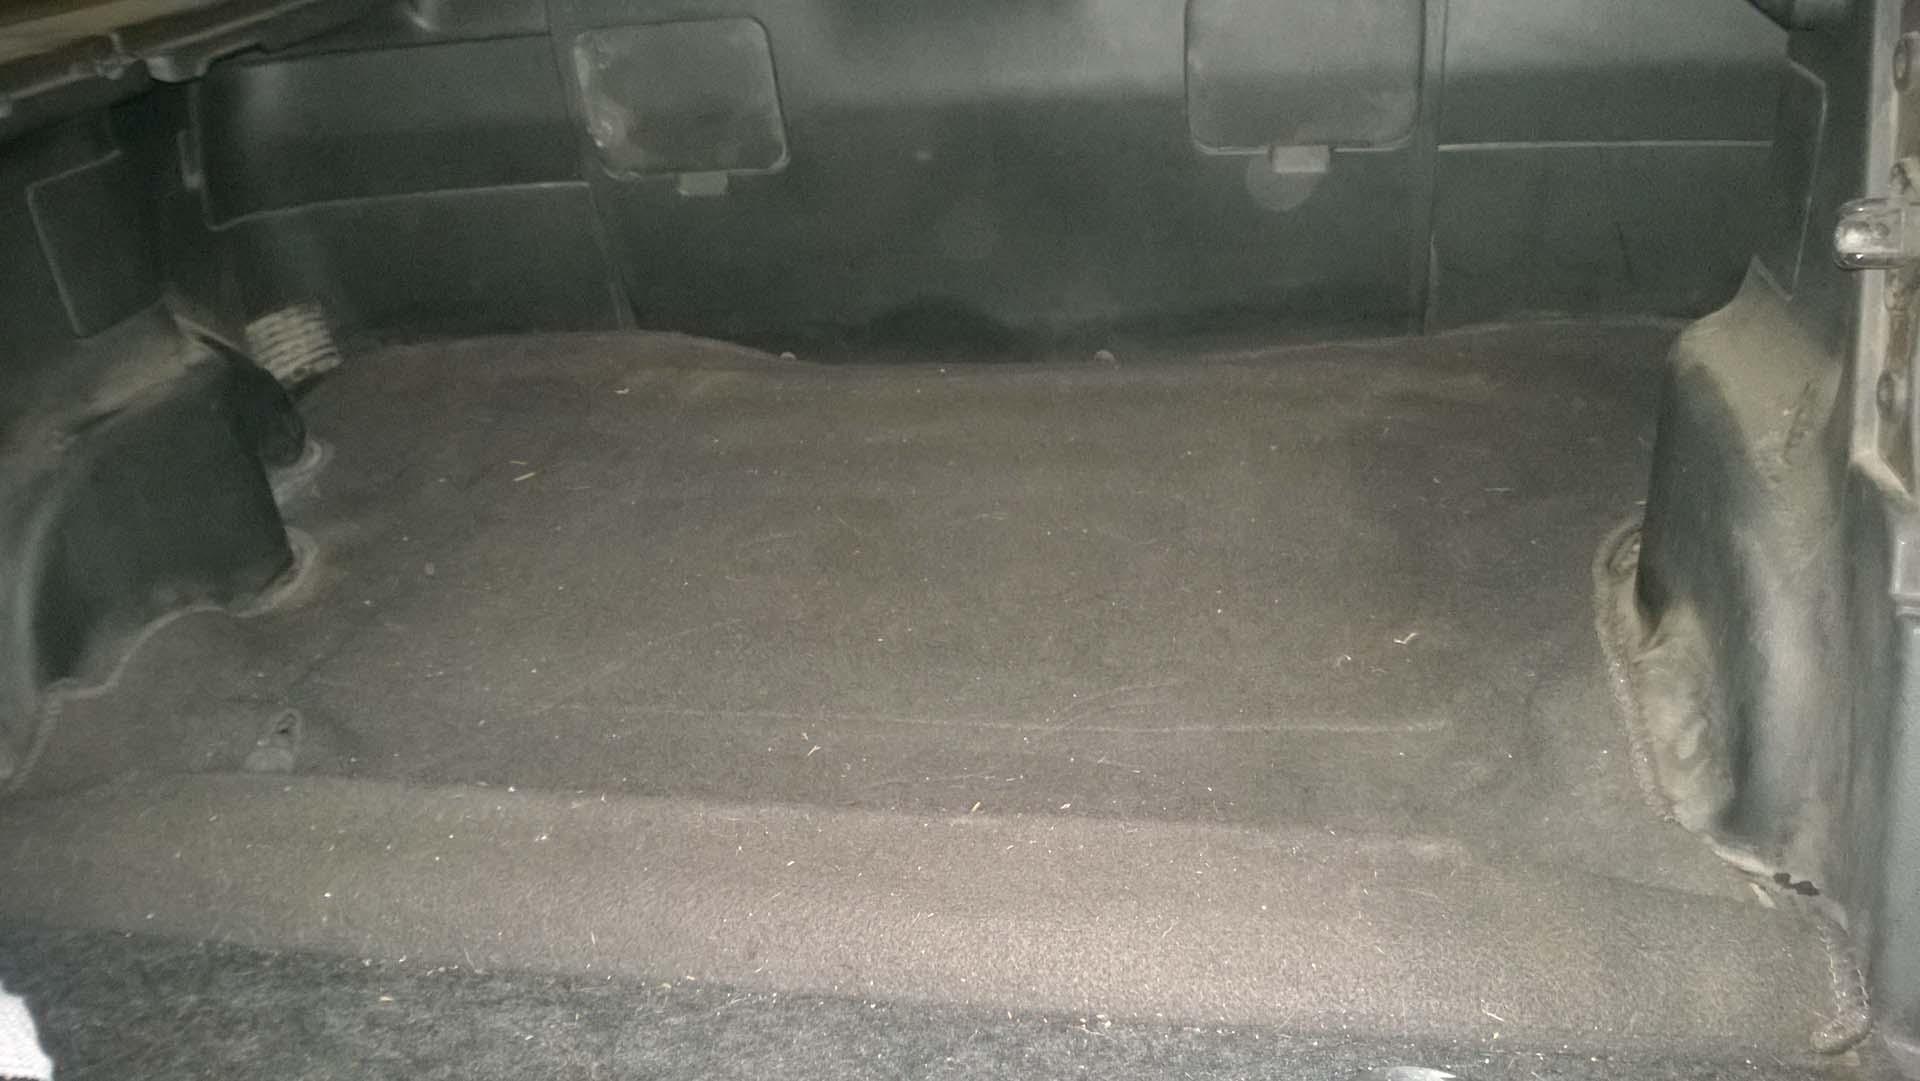 Rear Divider Removed